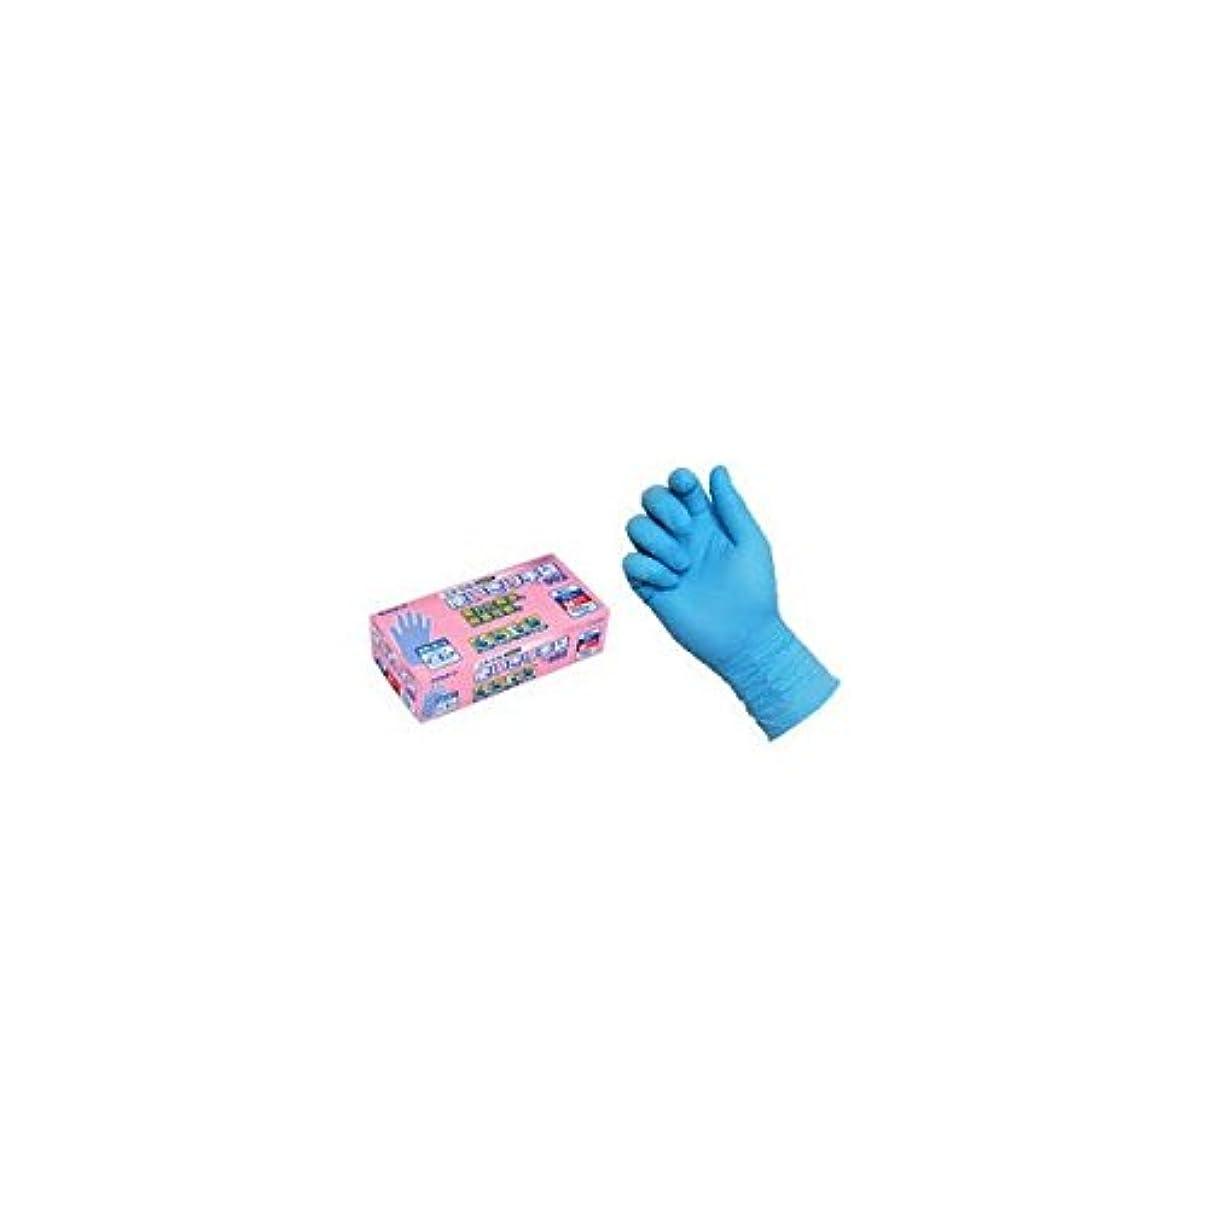 有限スキャン奨励ニトリル使いきり手袋 PF NO.992 S ブルー エステー 【商品CD】ST4762